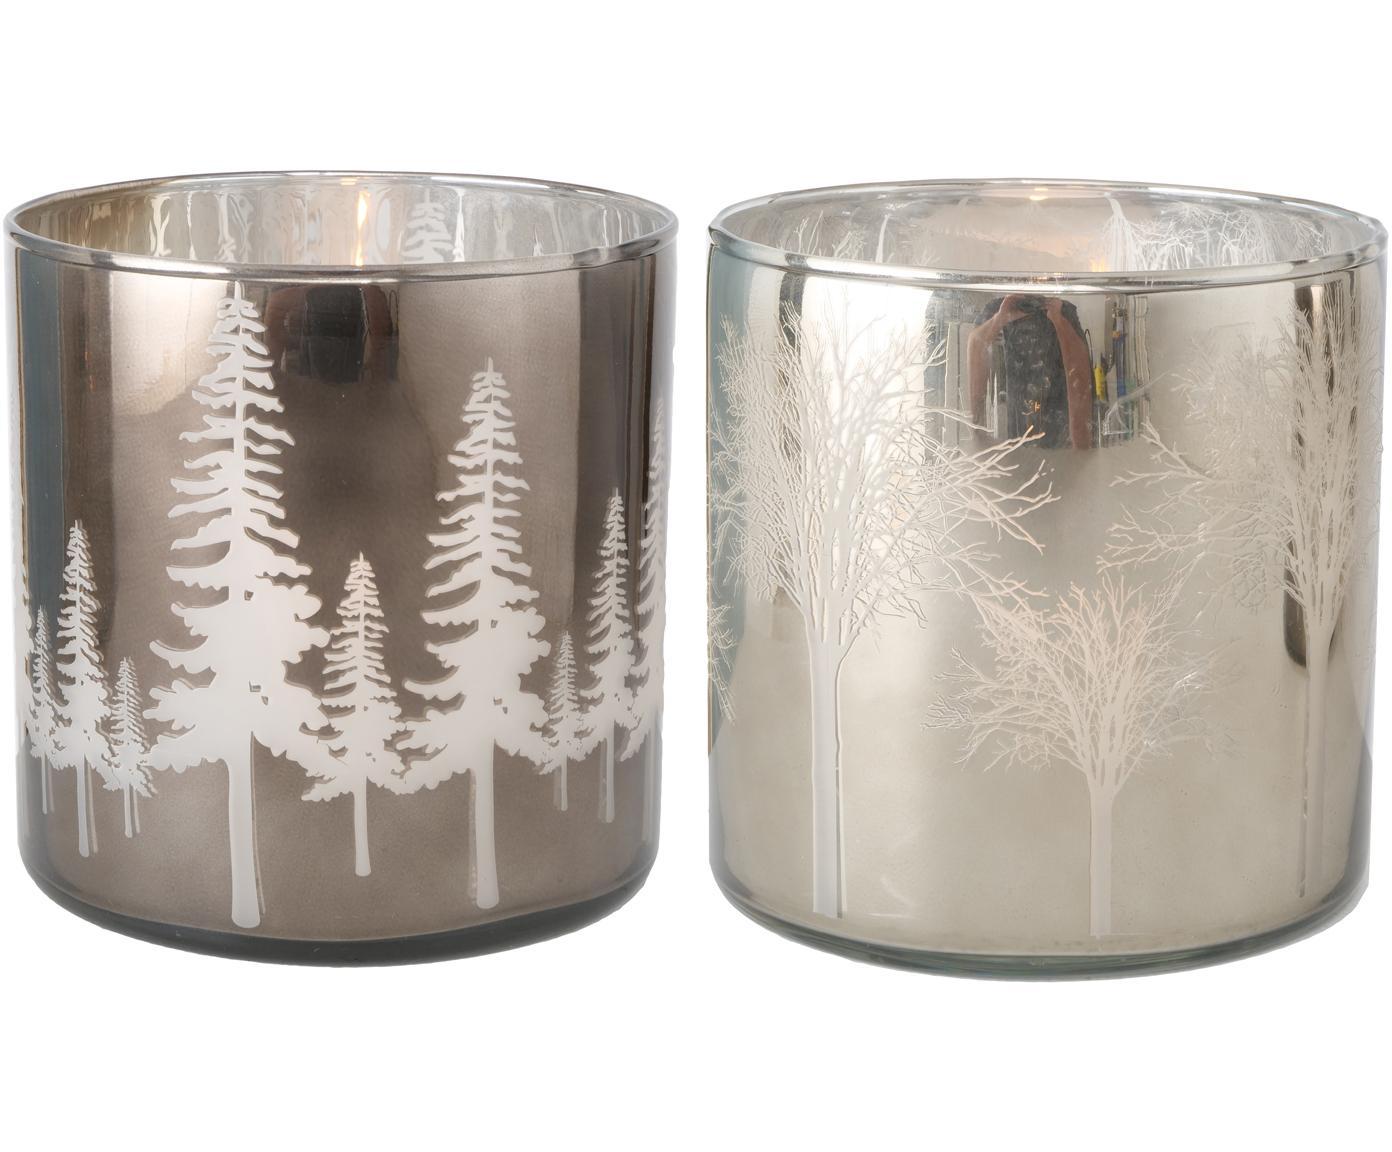 Windlichtenset Skove, 2-delig, Gelakt glas, Zilverkleurig, grijs, glanzend, Ø 15 cm